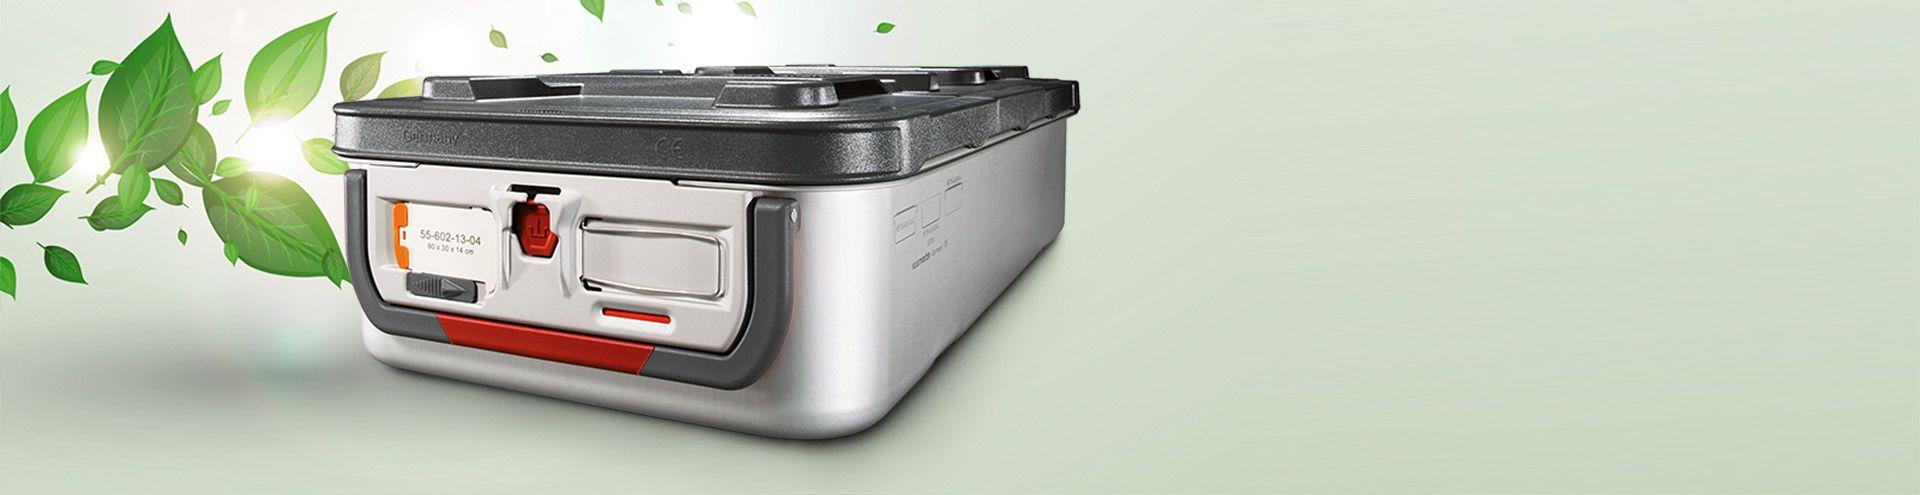 Sterilization container - system microStop gogreen